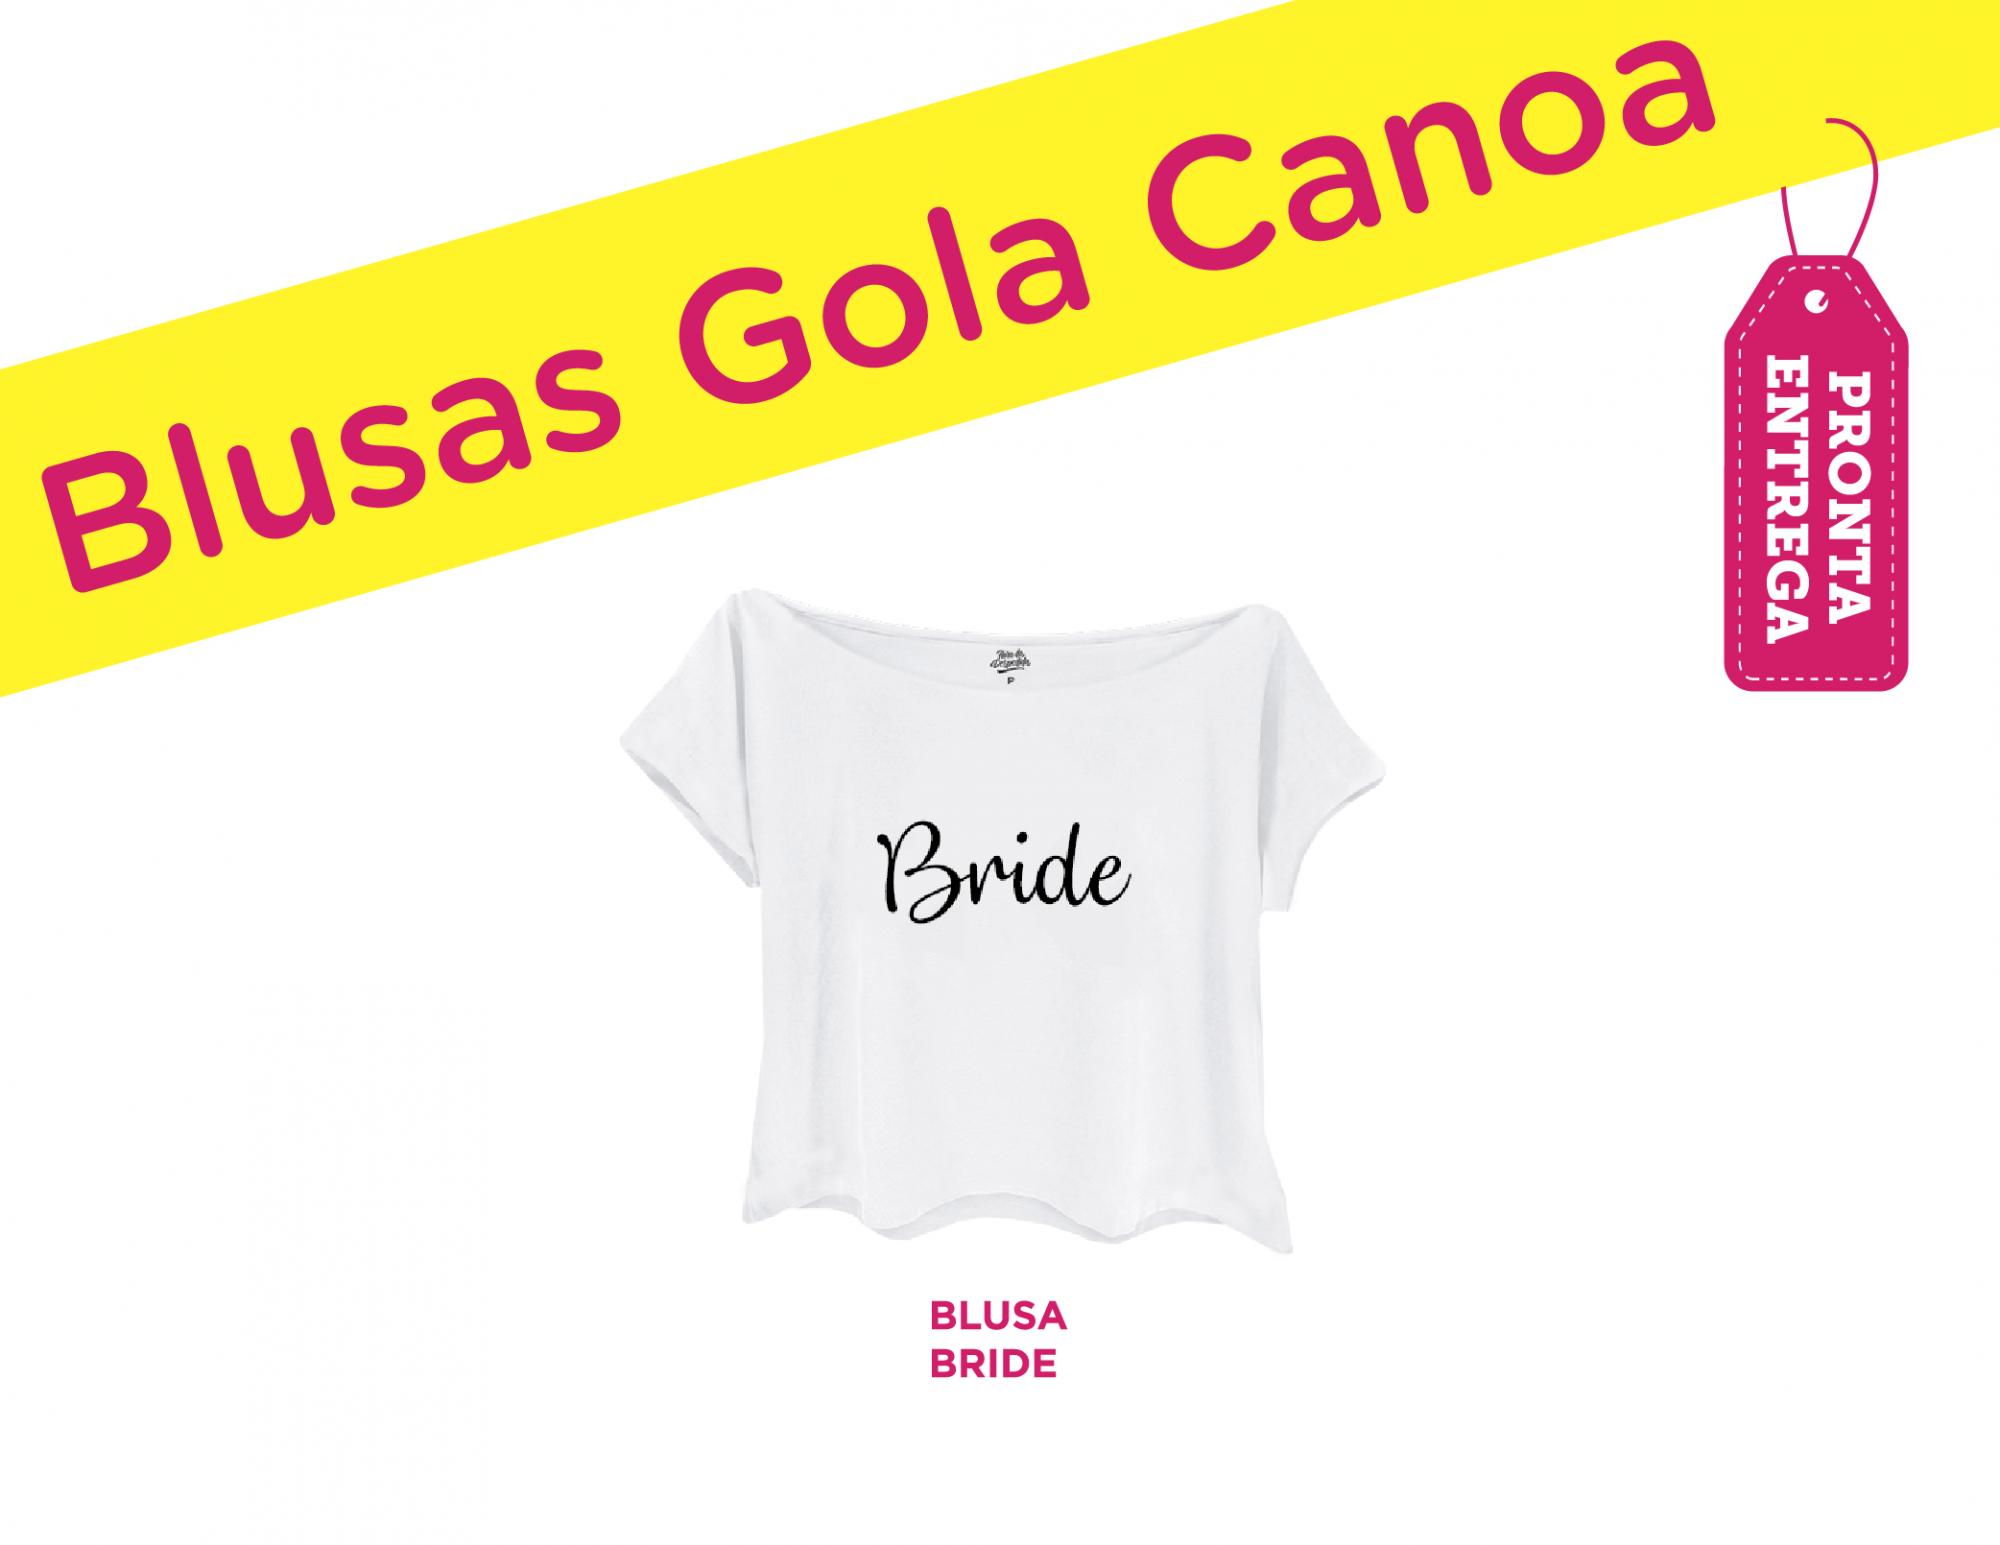 BLUSA CANOA BRIDE BRANCA PARA DESPEDIDA DE SOLTEIRA, BLUSA CANOA BRIDE, BLUSA CANOA NOIVA, BLUSA CANOA PRONTA ENTREGA CHÁ DE LINGERIE